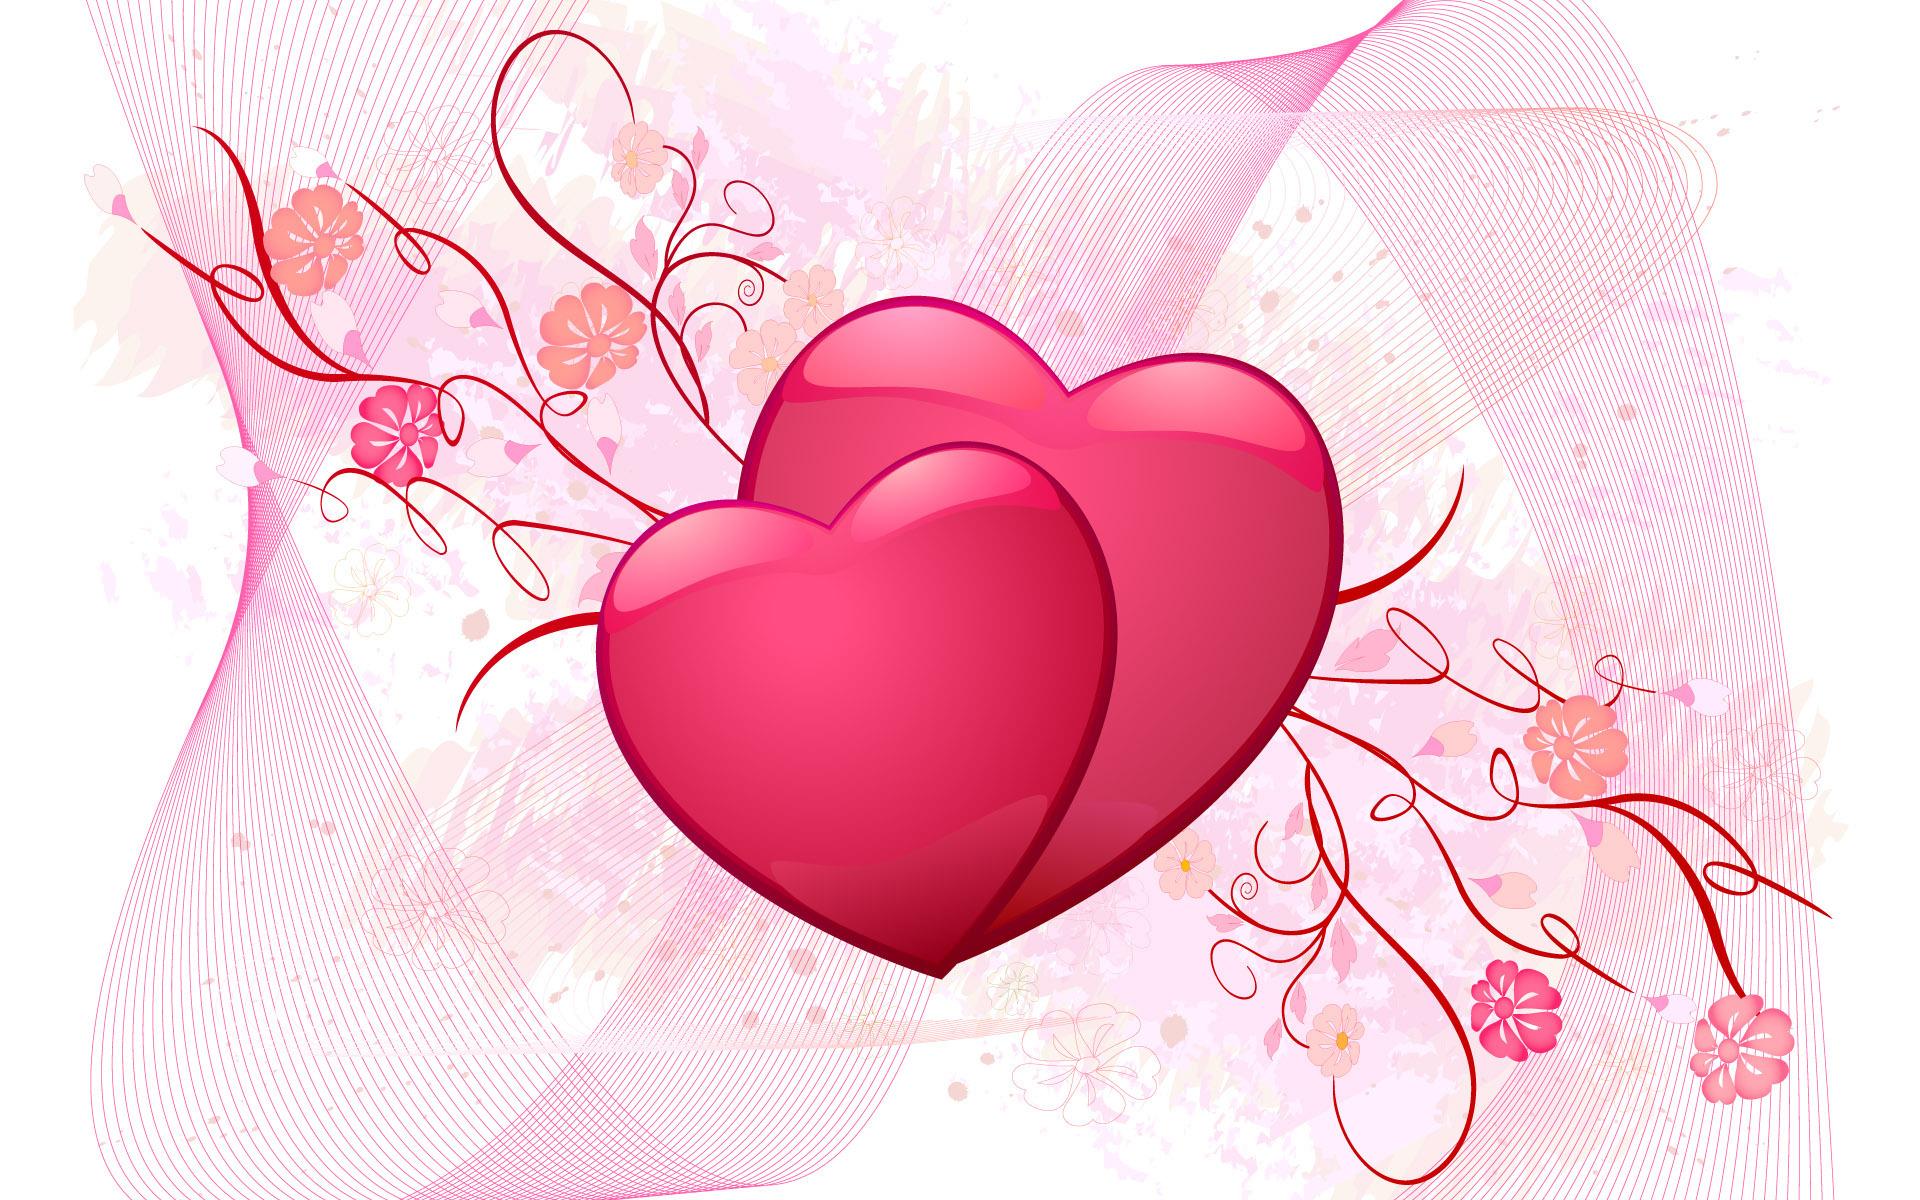 hearts wallpaper, LOVE, любовь, два сердца, скачать